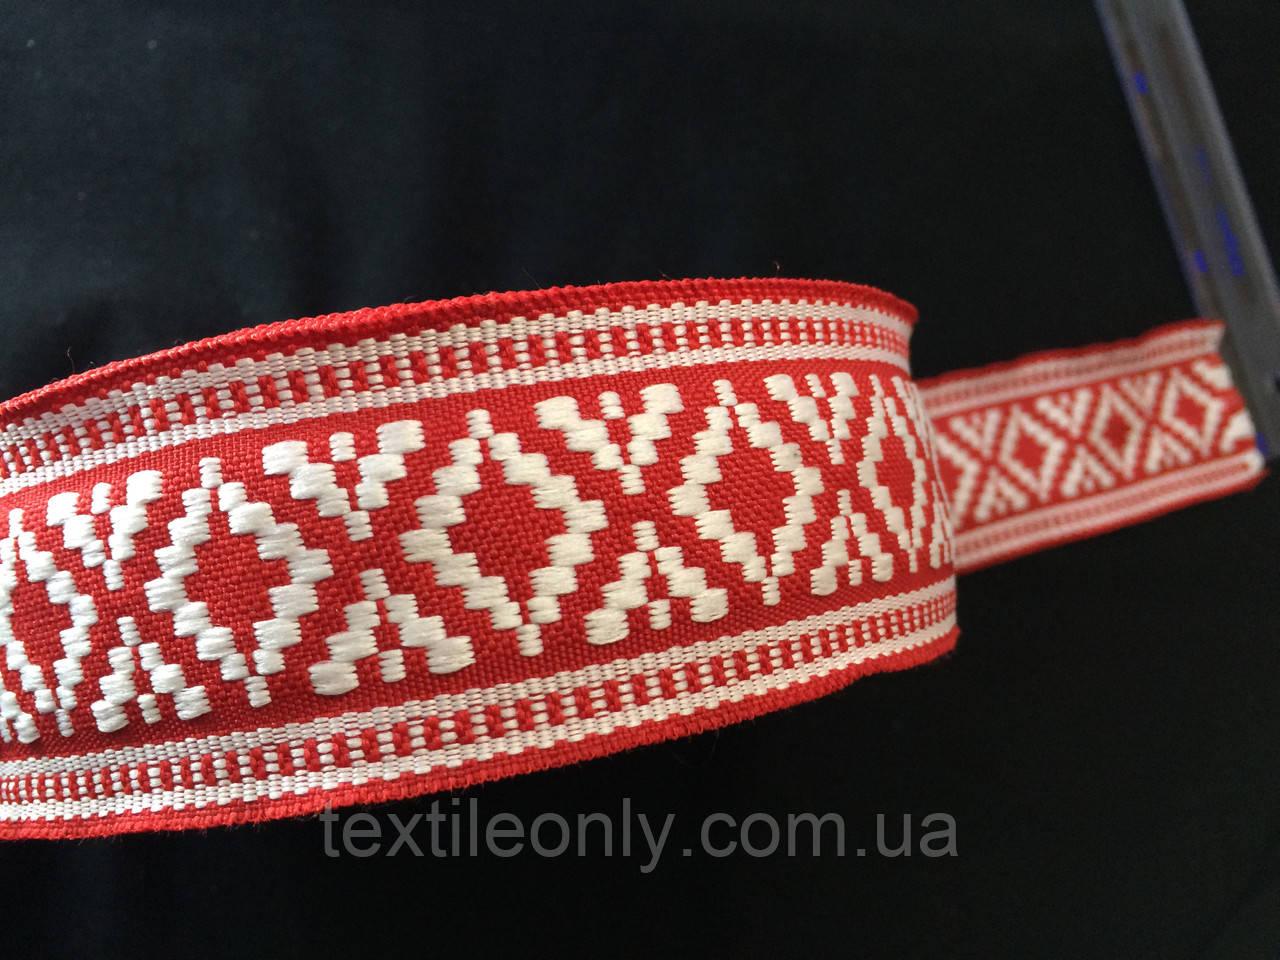 Лента,тесьма орнамент 45 мм бело красная